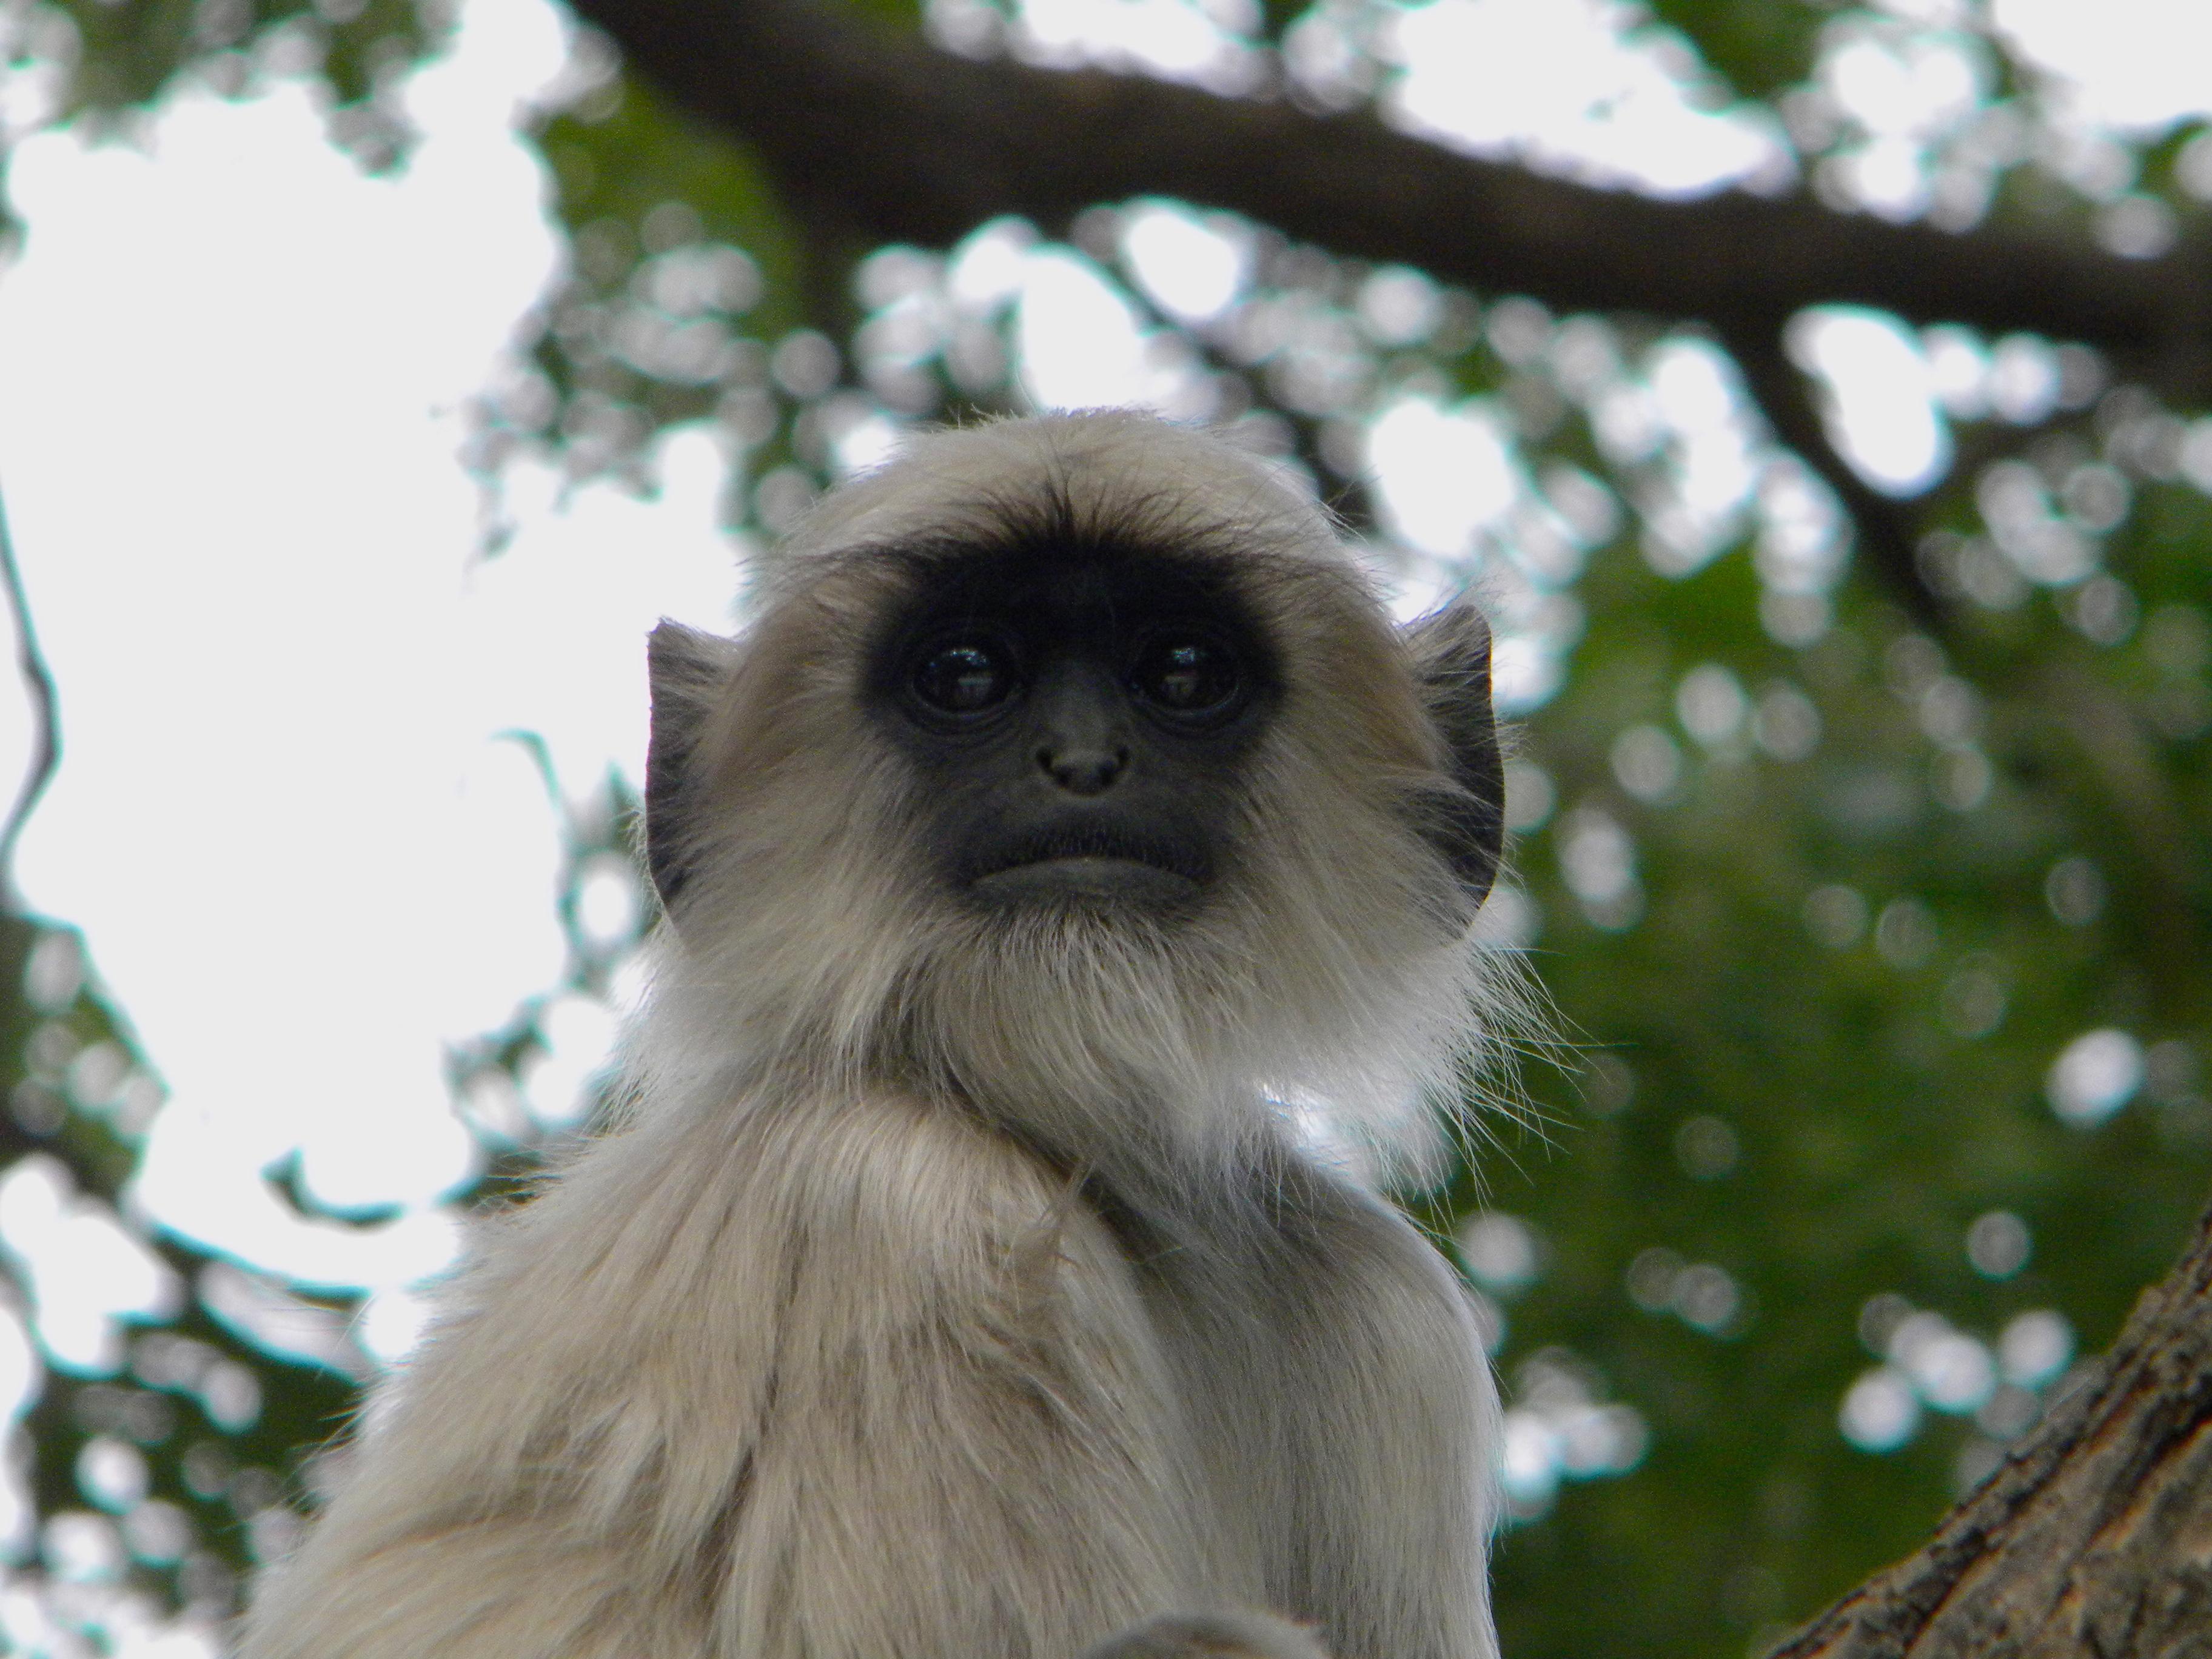 Caught, India 2010